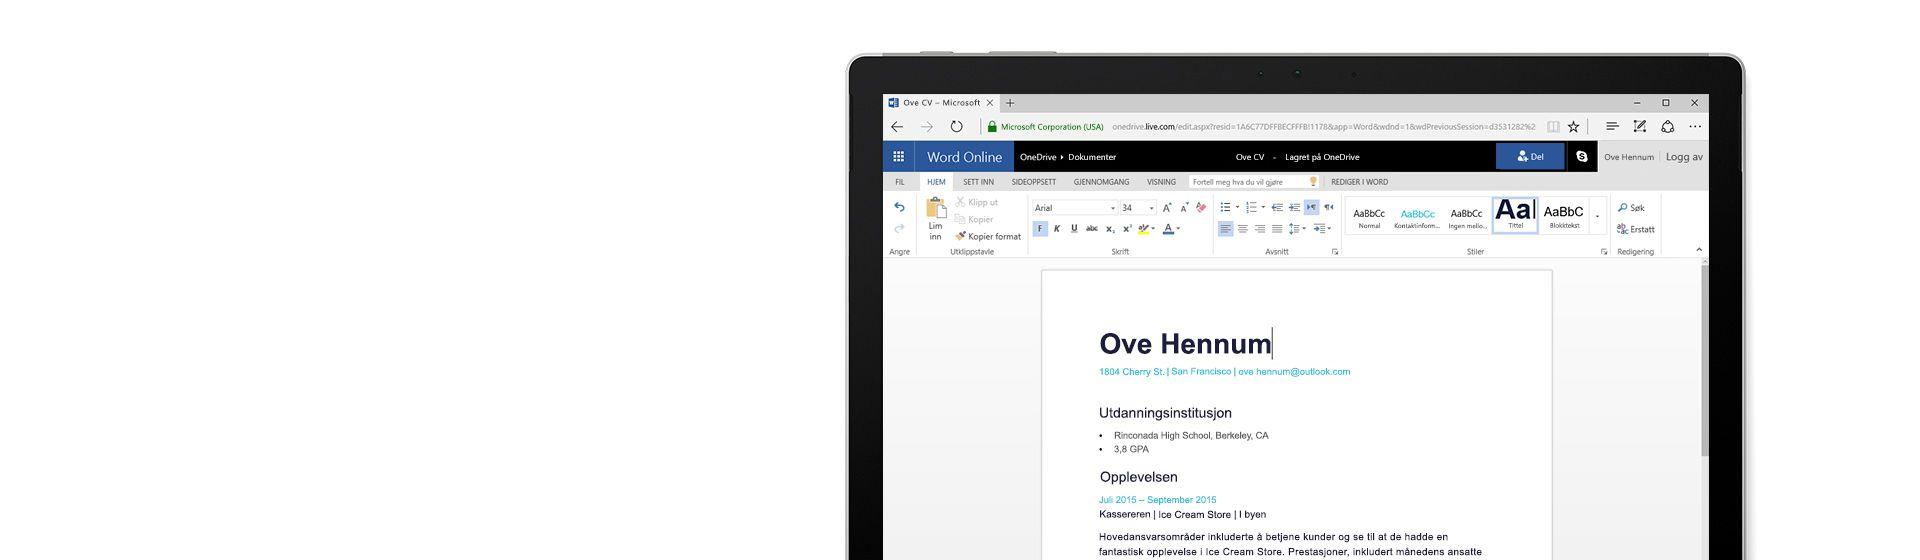 En dataskjerm viser opprettelse av en CV i Word Online